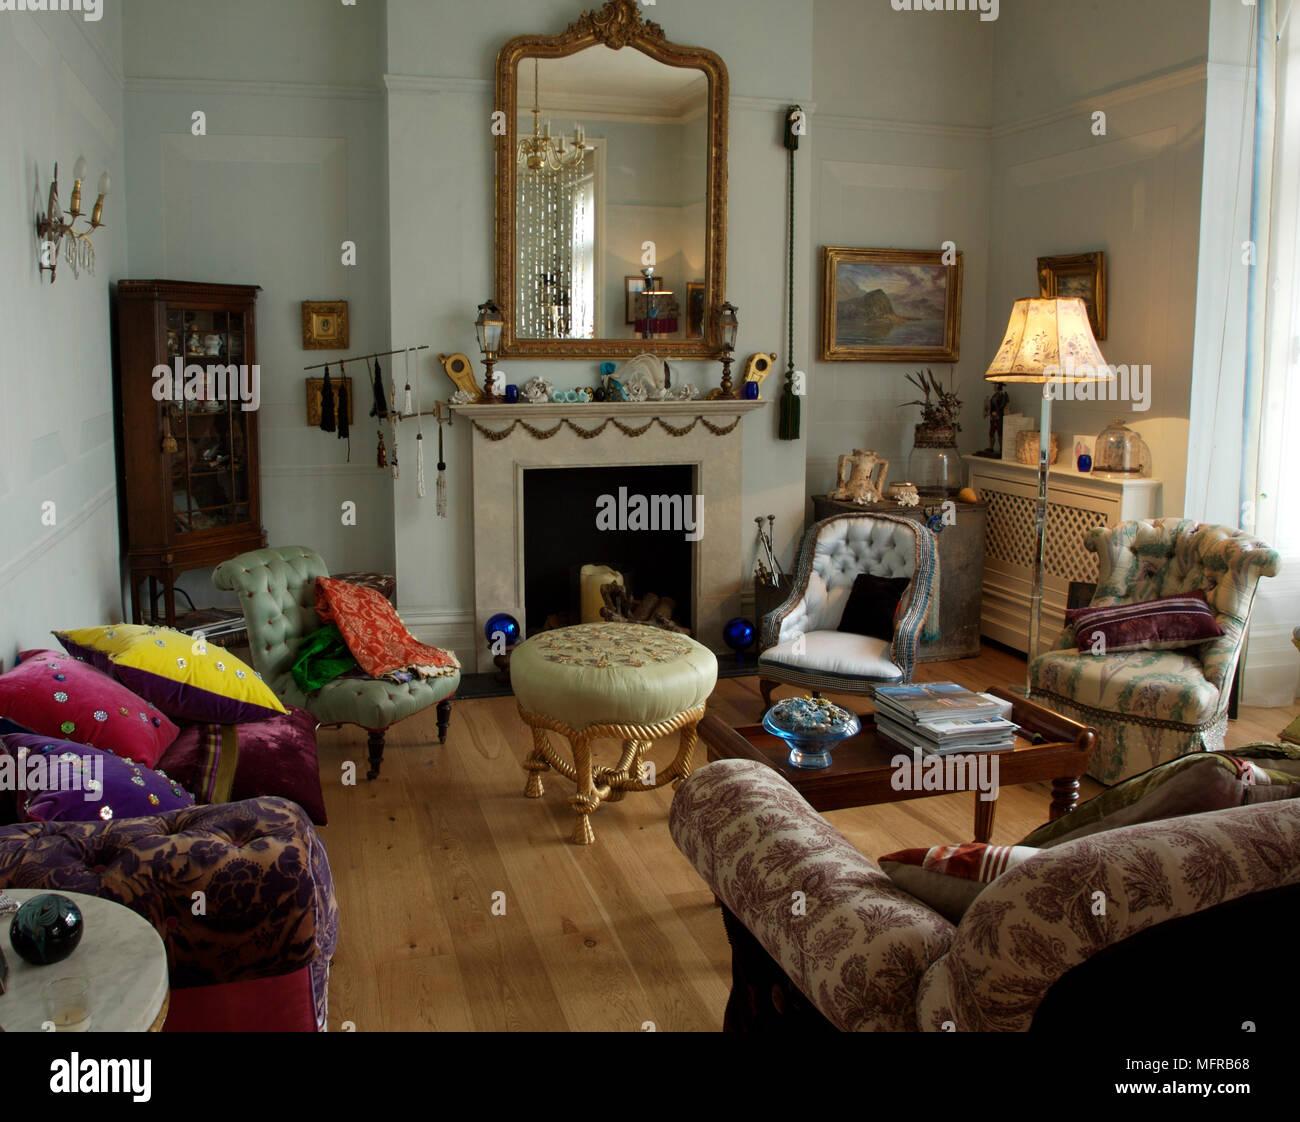 Wohnzimmer mit gemusterten Möbel und Spiegel über dem Kamin ...